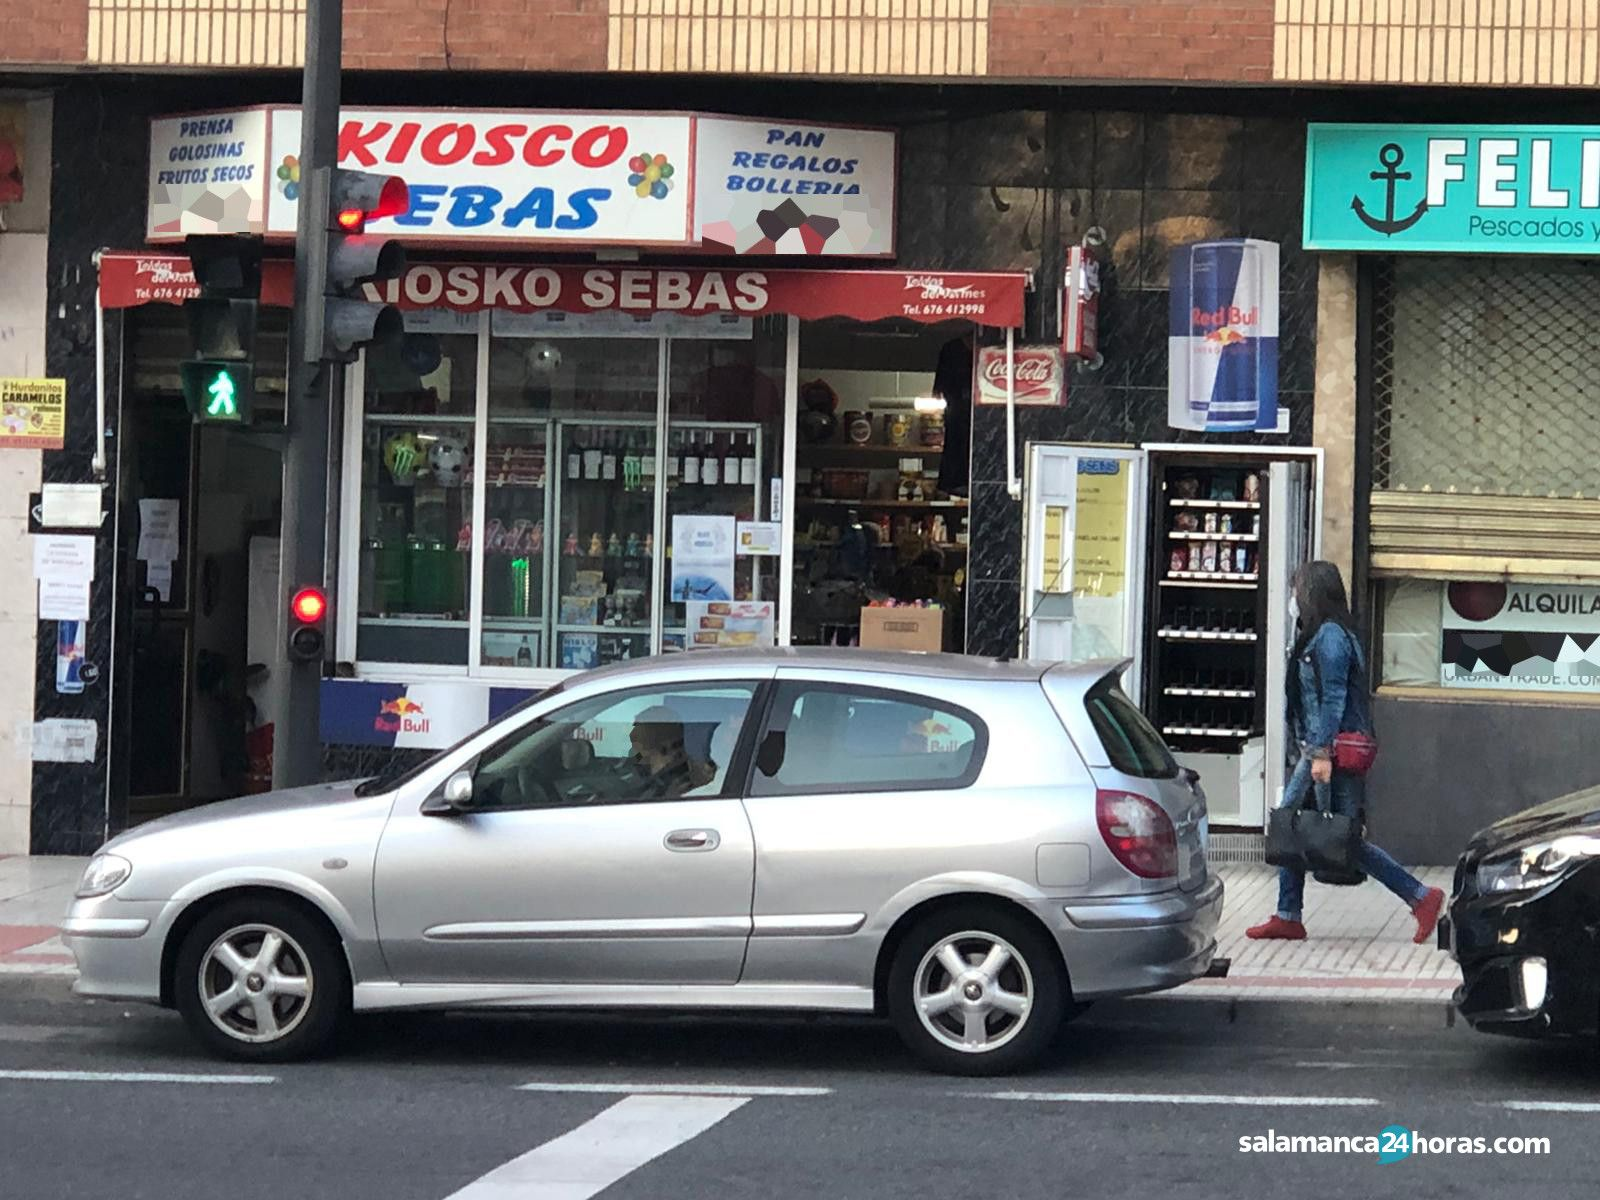 Asalto a kiosko en carretera de ledesma (1)